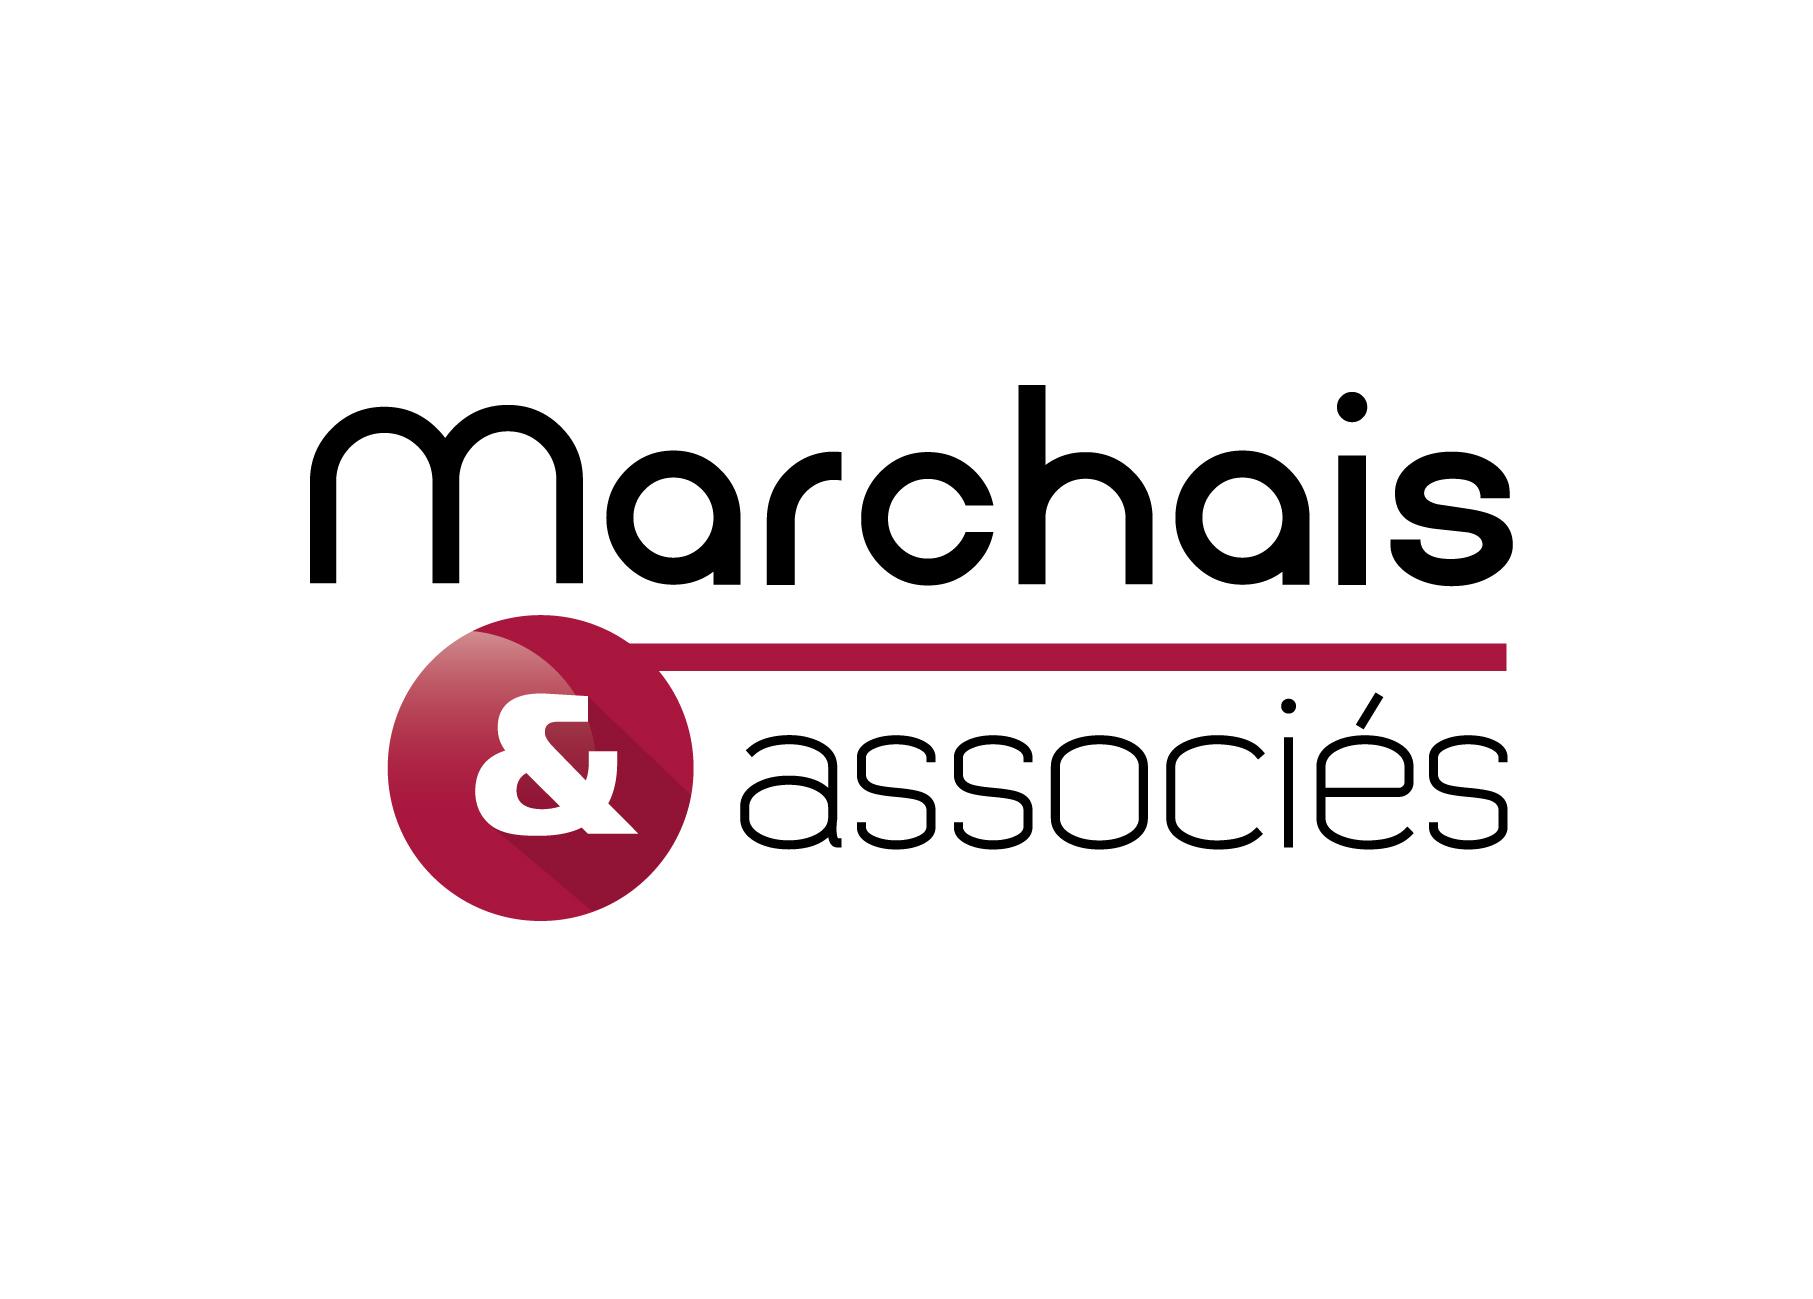 the Marchais & Associés logo.